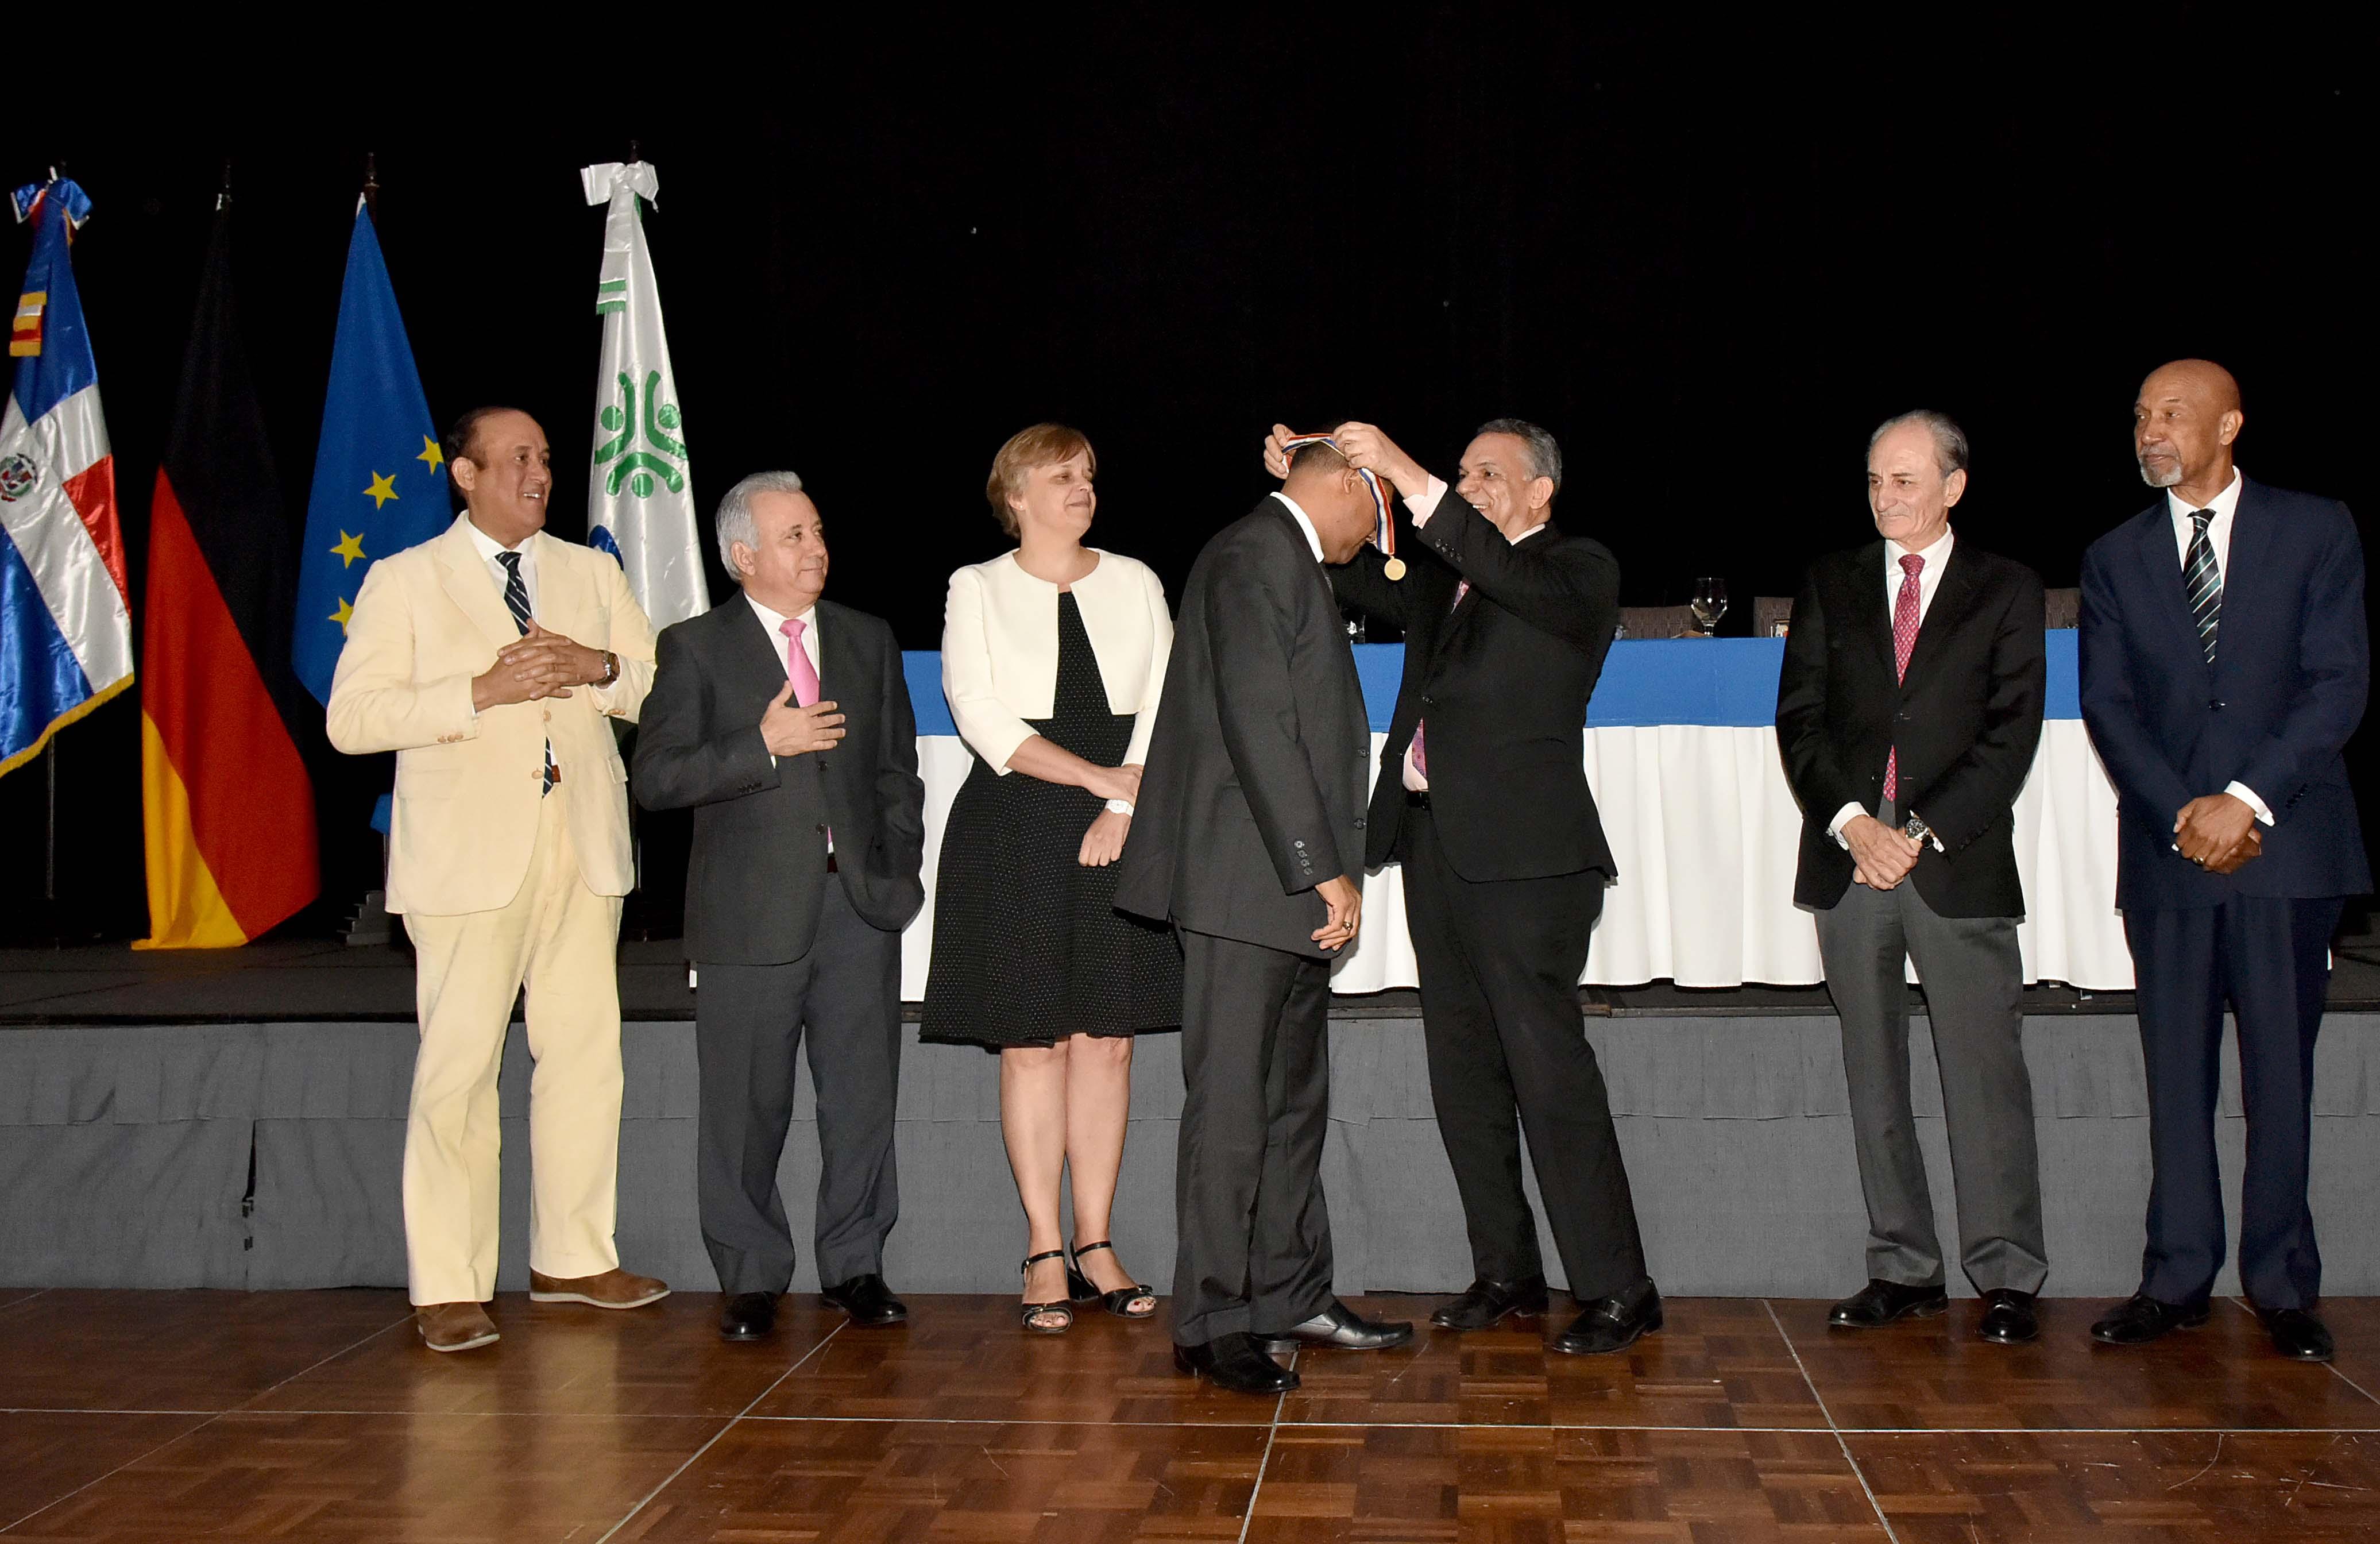 Ministerio de Educación obtiene el 54.5% de las medallas en el Premio Nacional a la Calidad